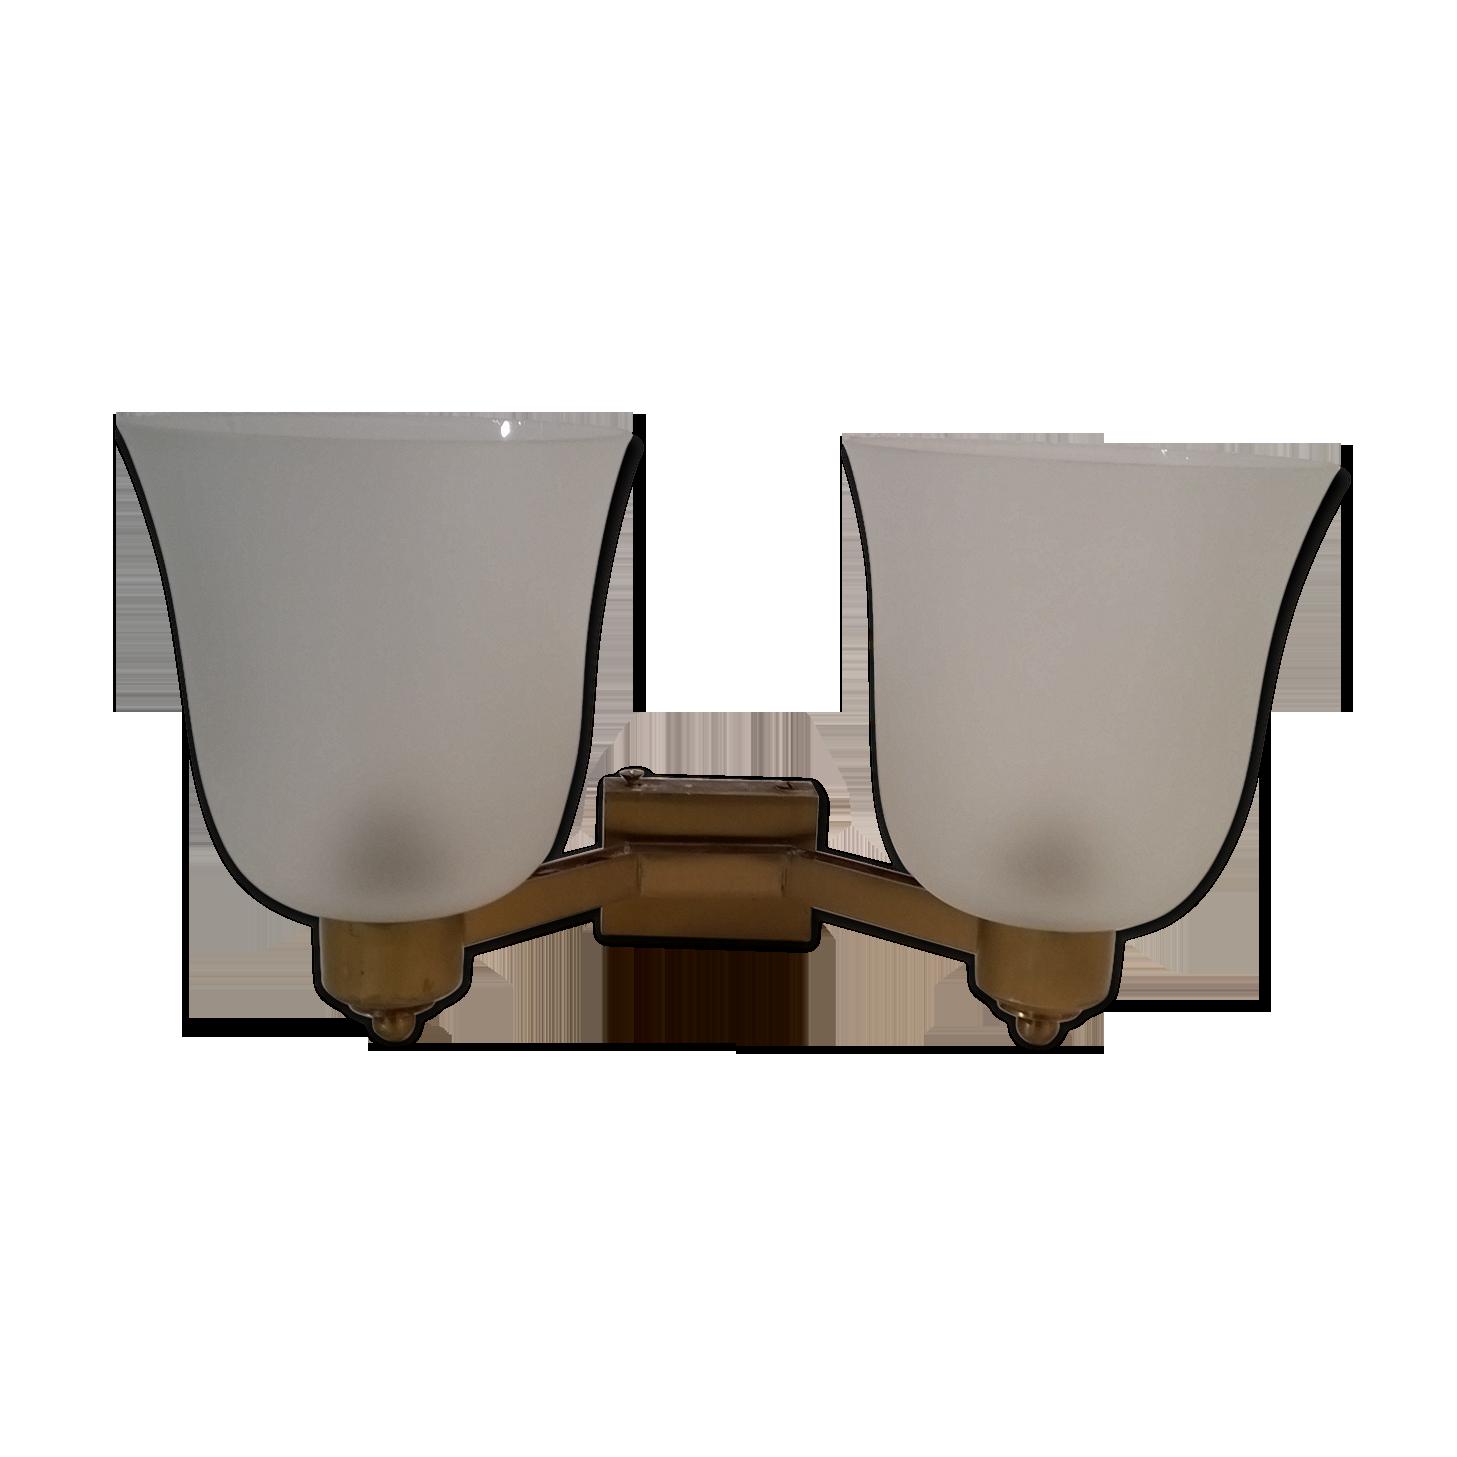 Perzel plafonnier ou applique circulaire structure en laiton doré